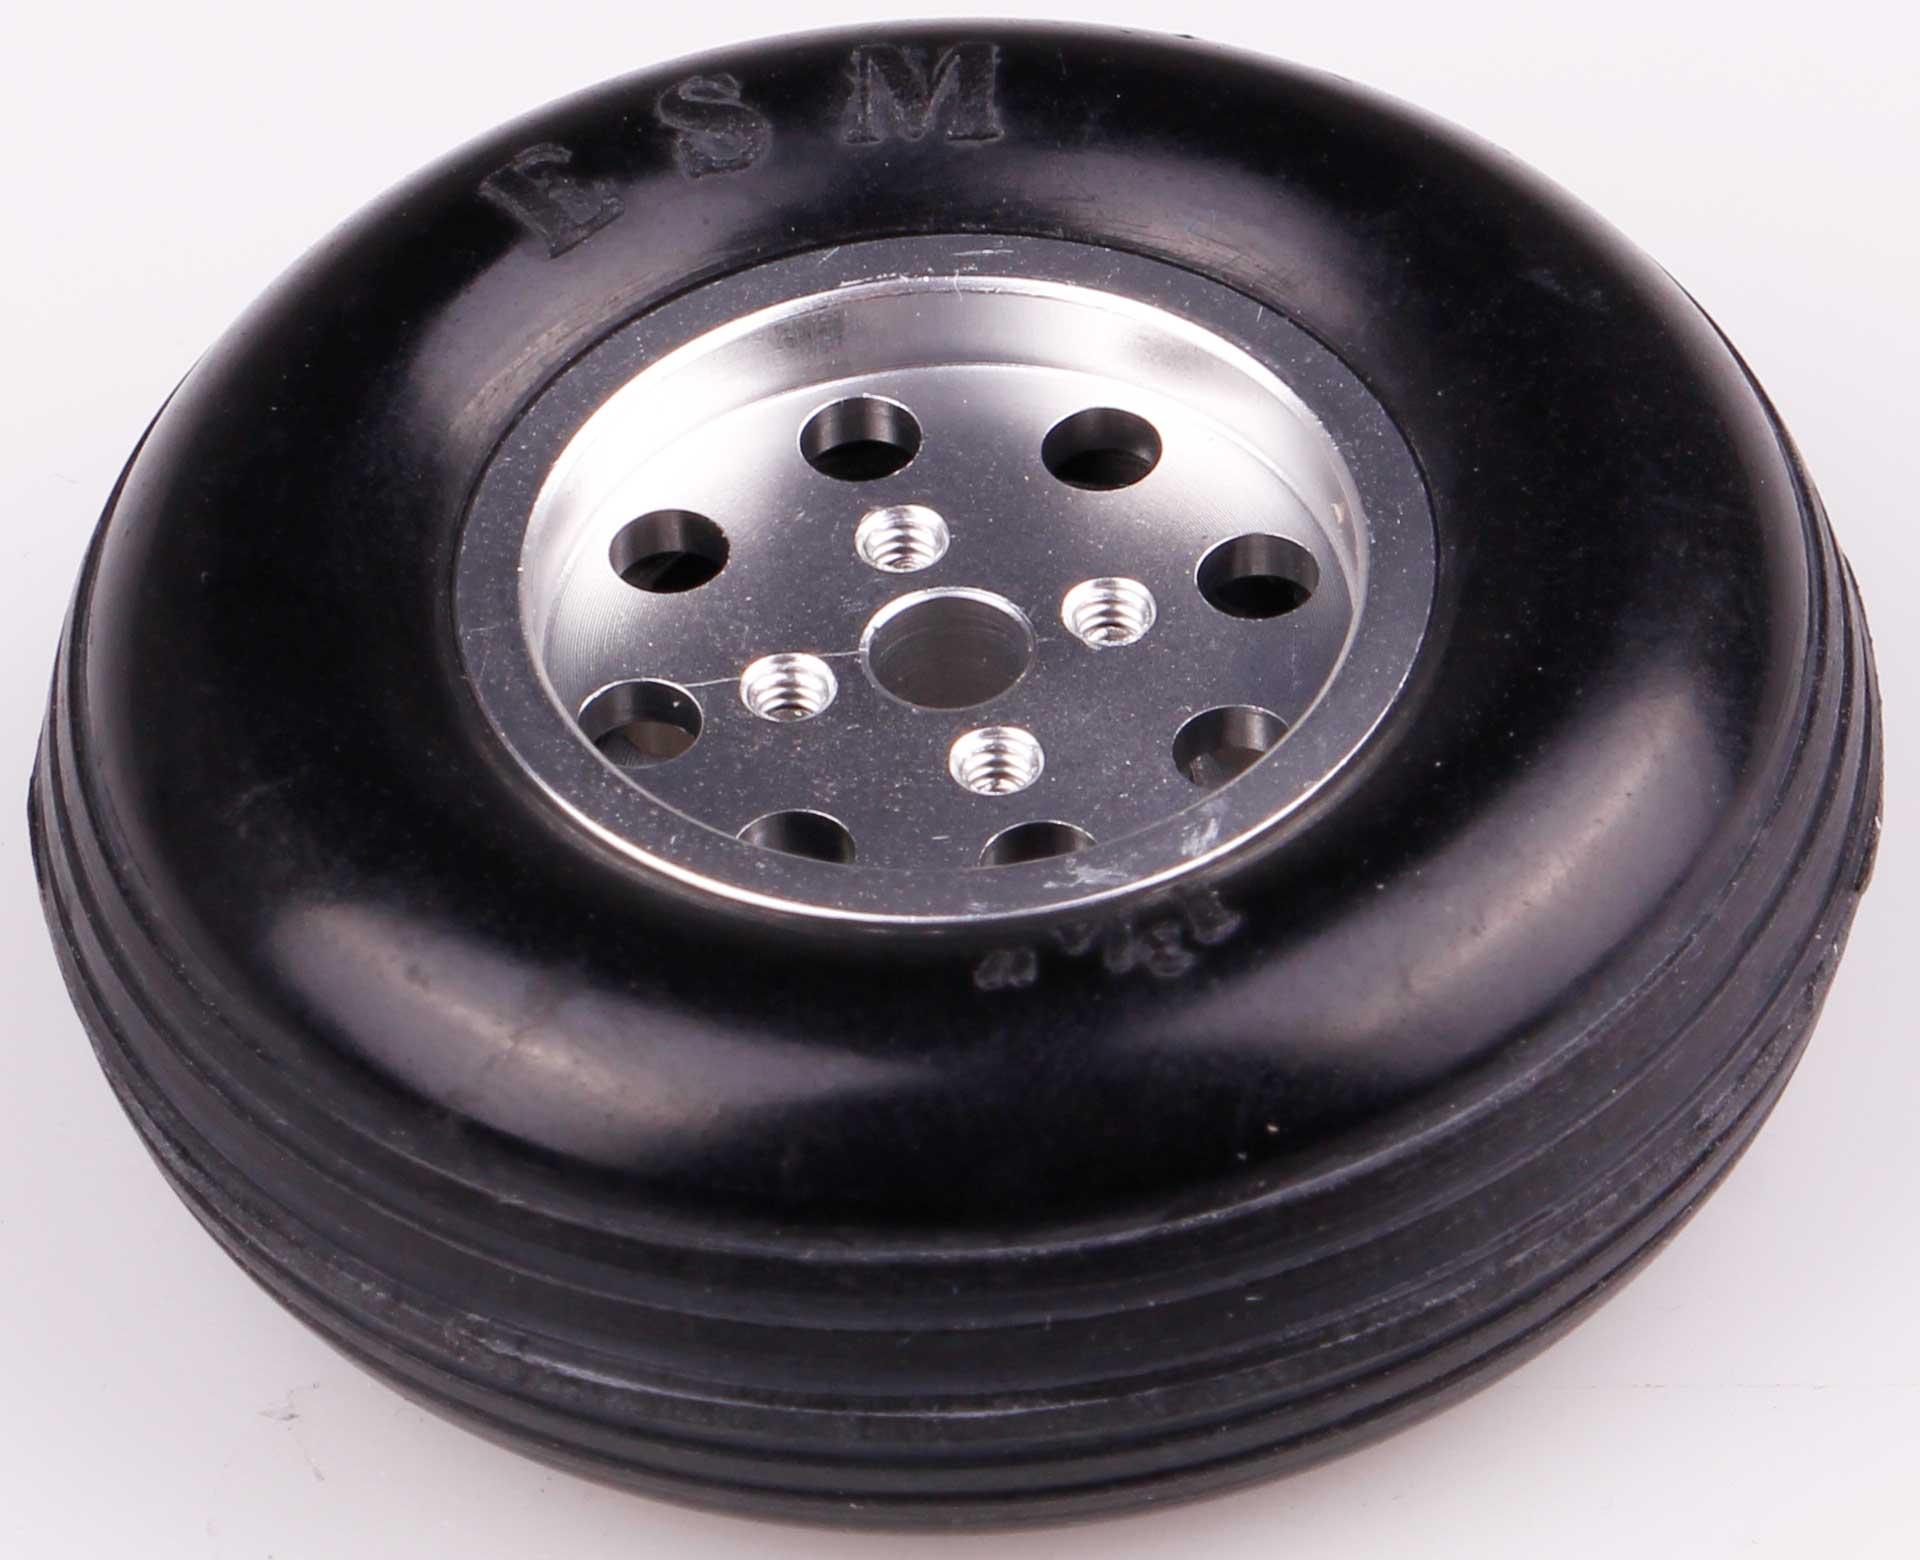 Robbe Modellsport Roue ø47x16mm ø4mm axe de roue avec jante en aluminium 22 Gramm 1Stk.